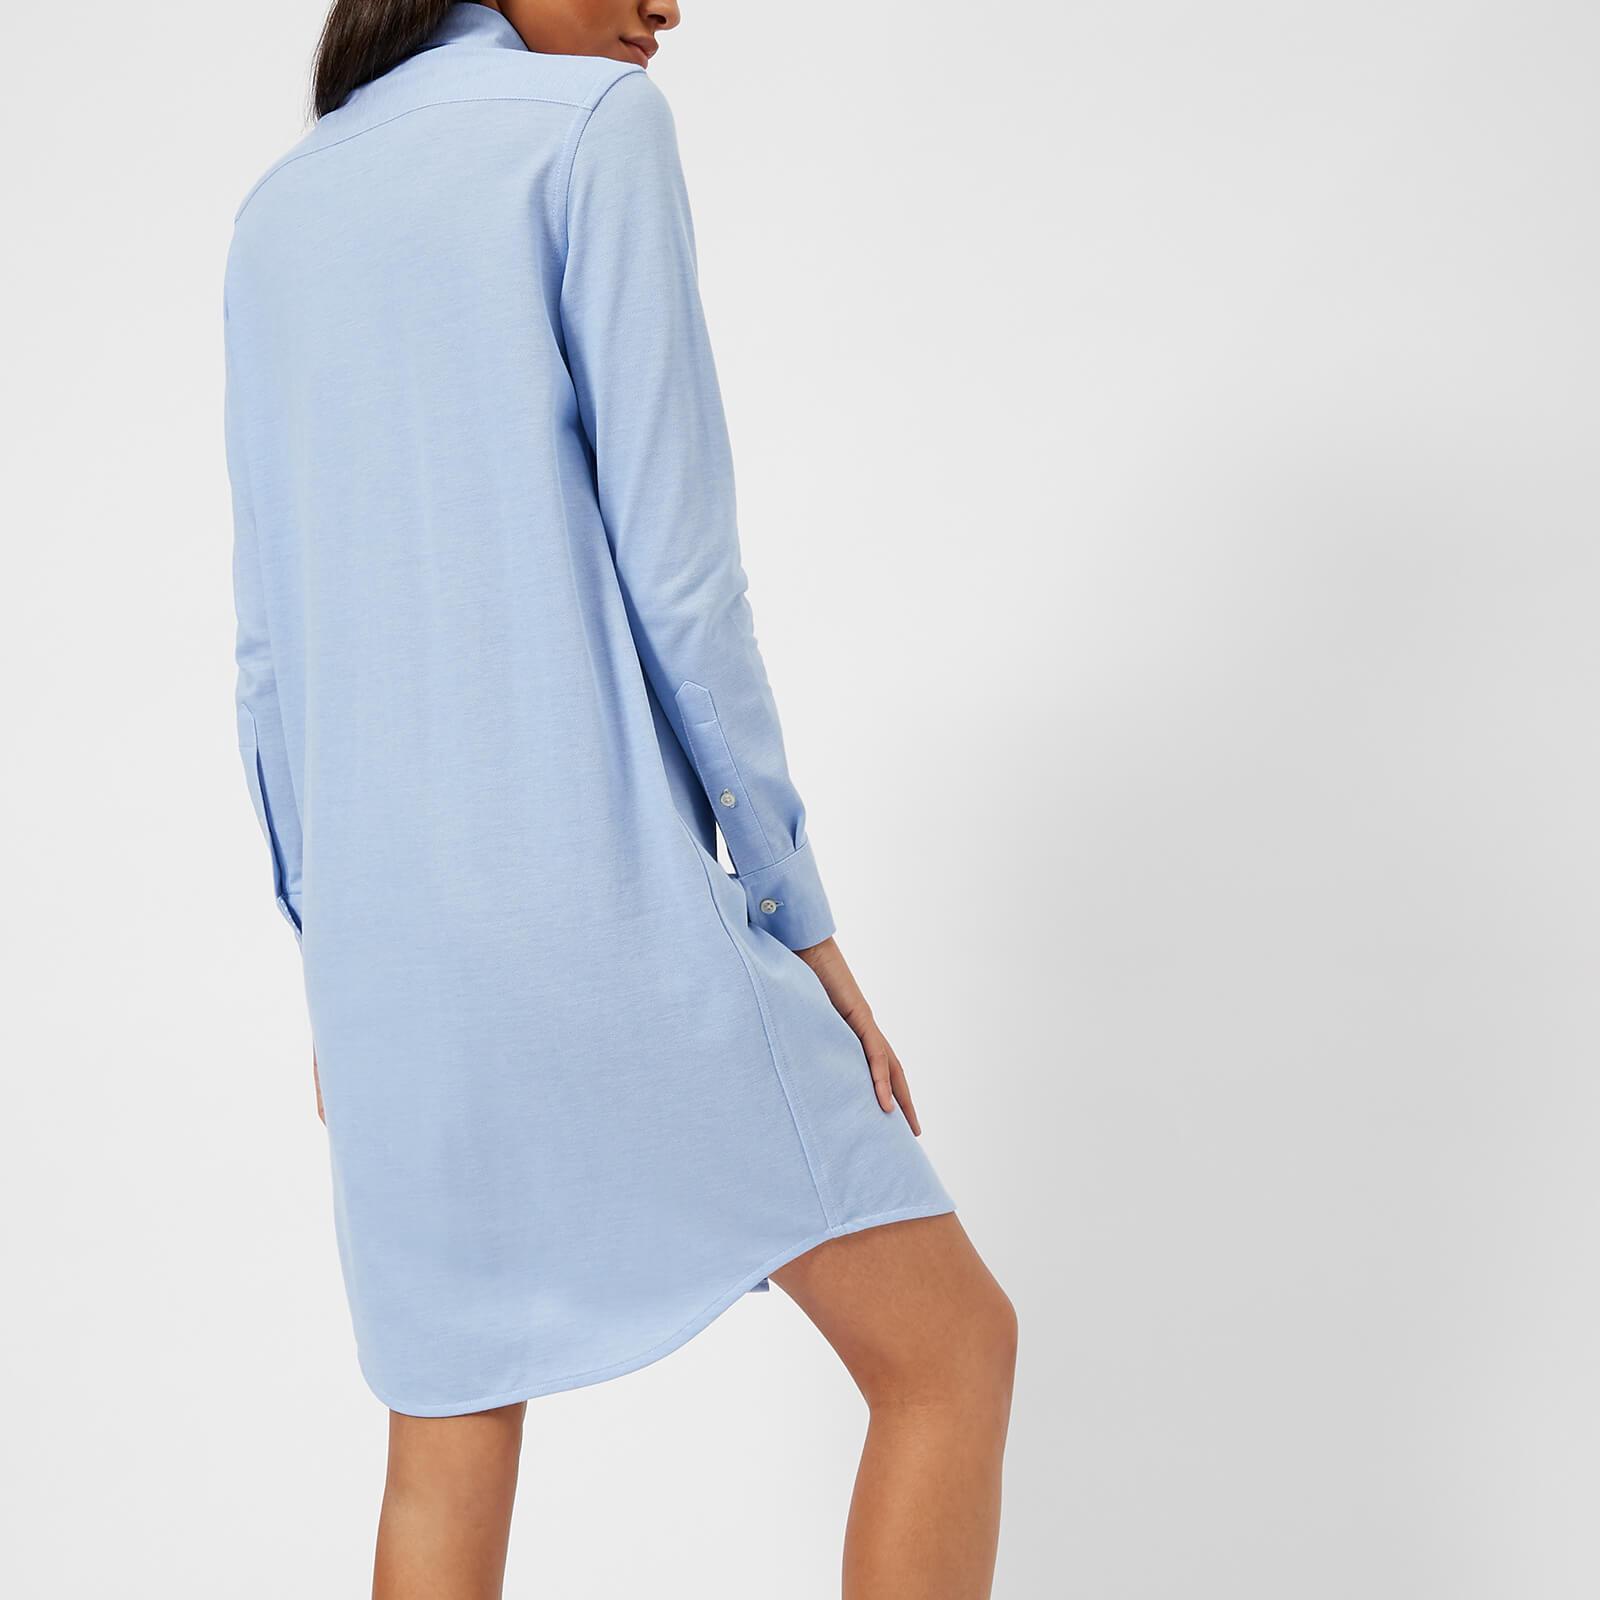 Oxford Shirt Dress